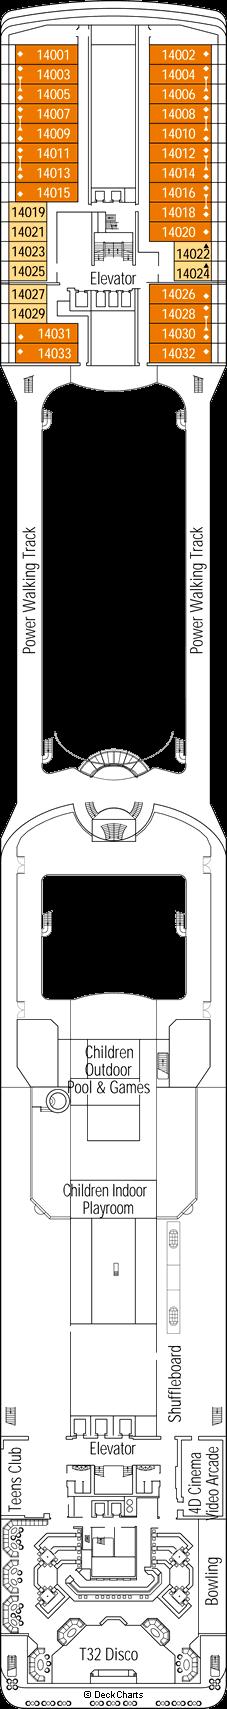 MSC Magnifica: Positano Deck